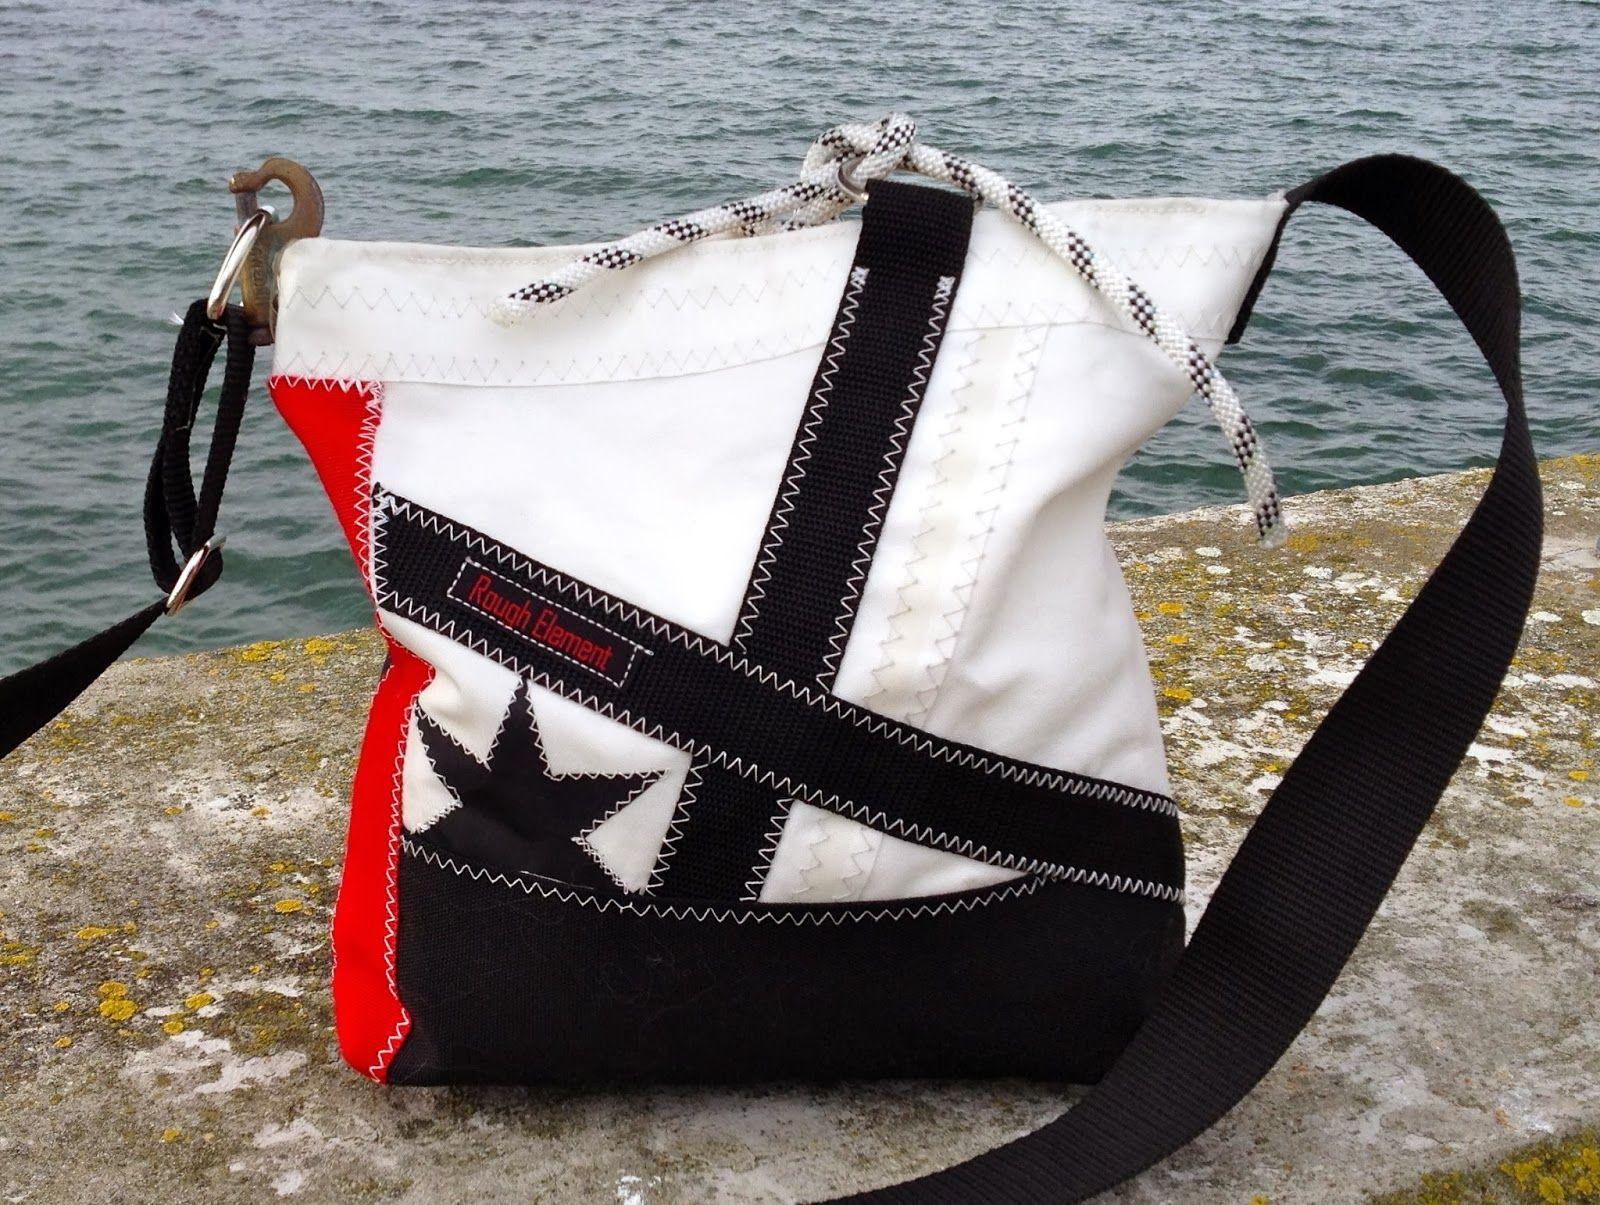 20+ Taschen aus alten segeln ideen